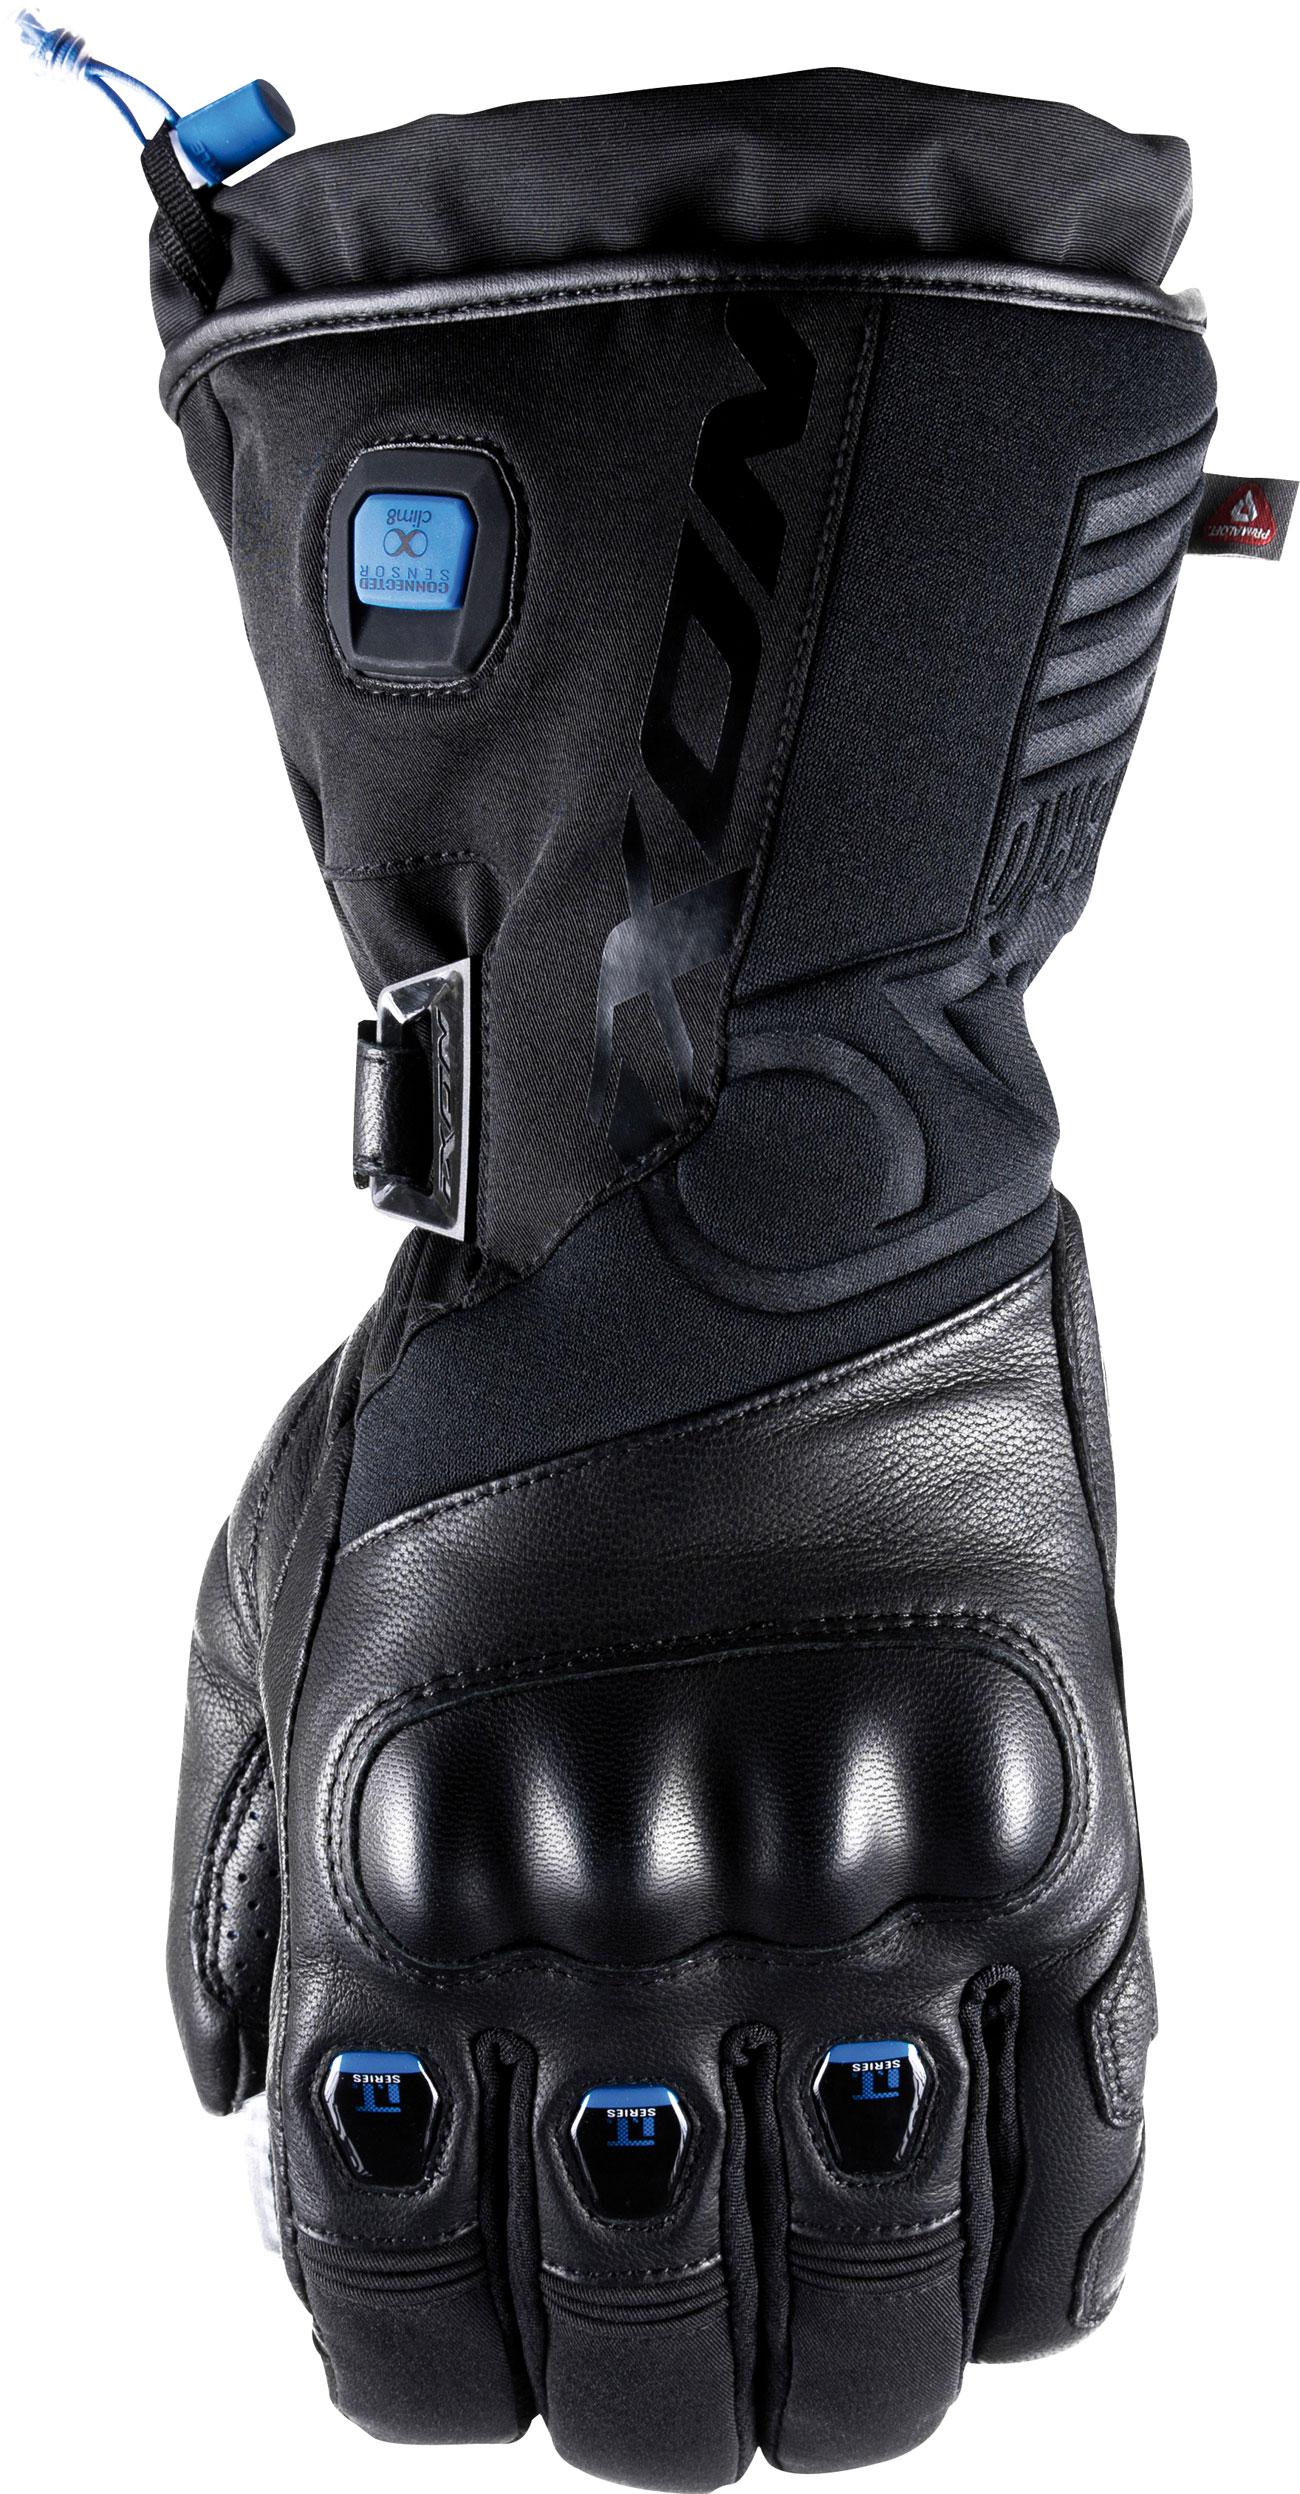 Ixon IT-Aso Evo, Handschuhe beheizt - Schwarz/Blau - L 21330102